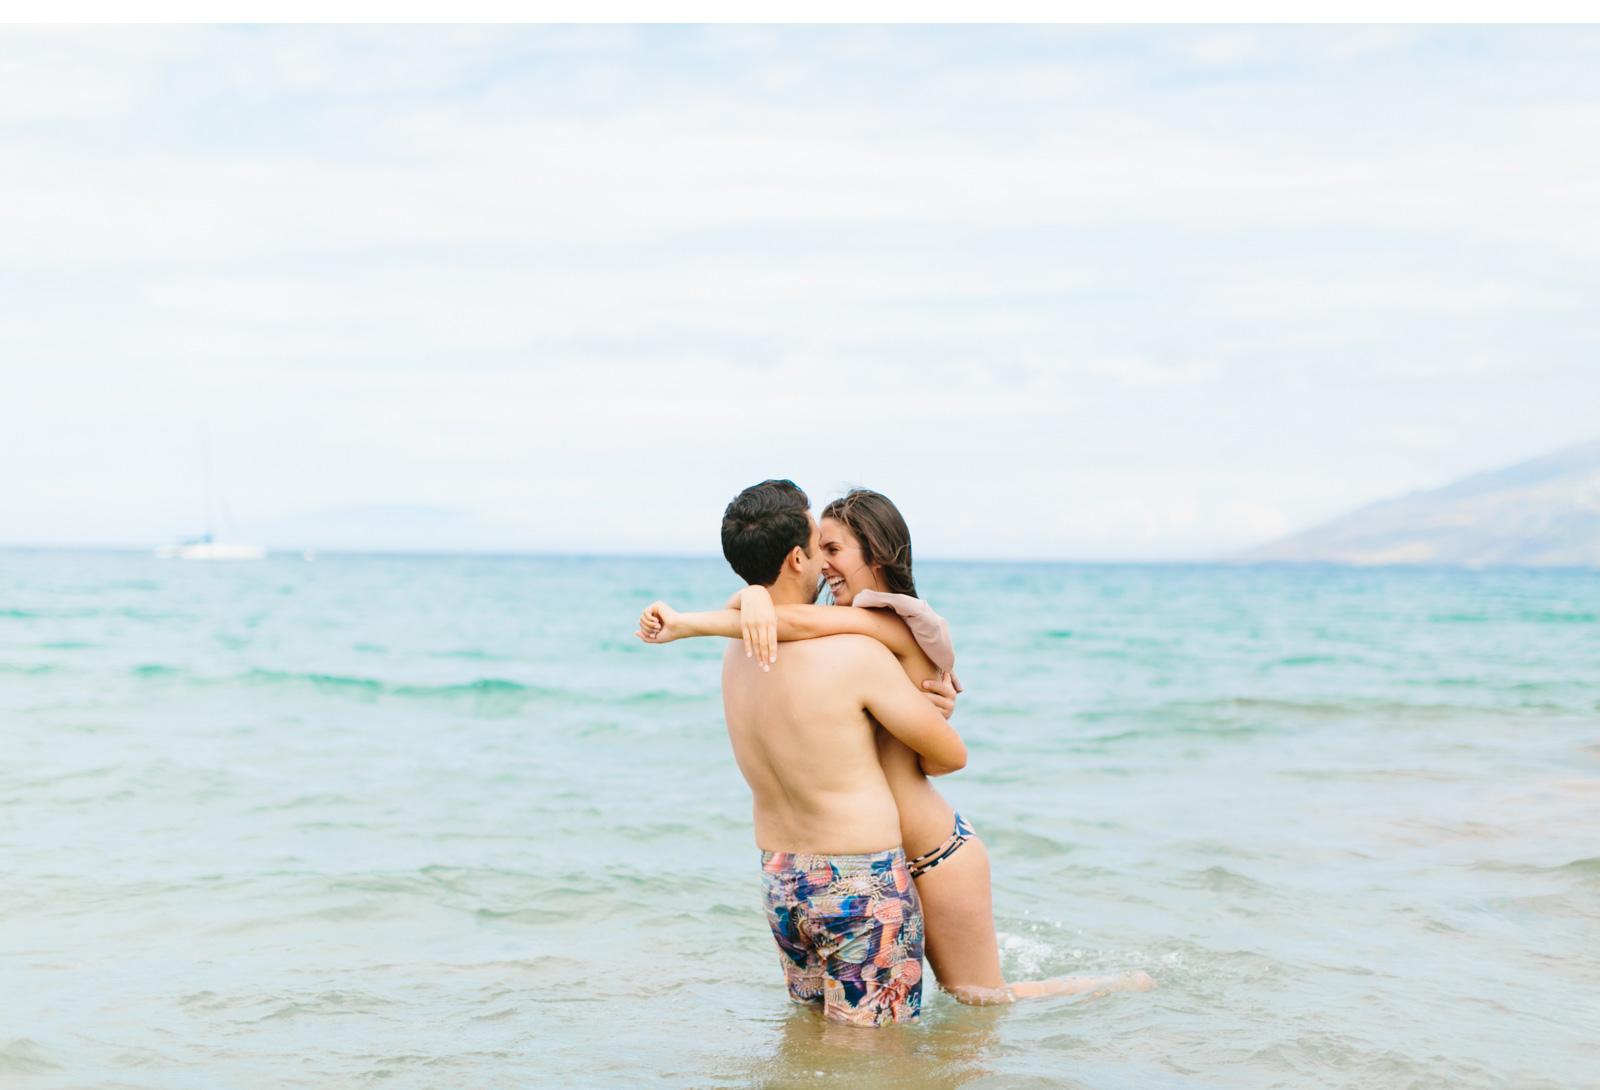 Hawaii-Wedding-Photographer-Natalie-Schutt-Photography_14.jpg